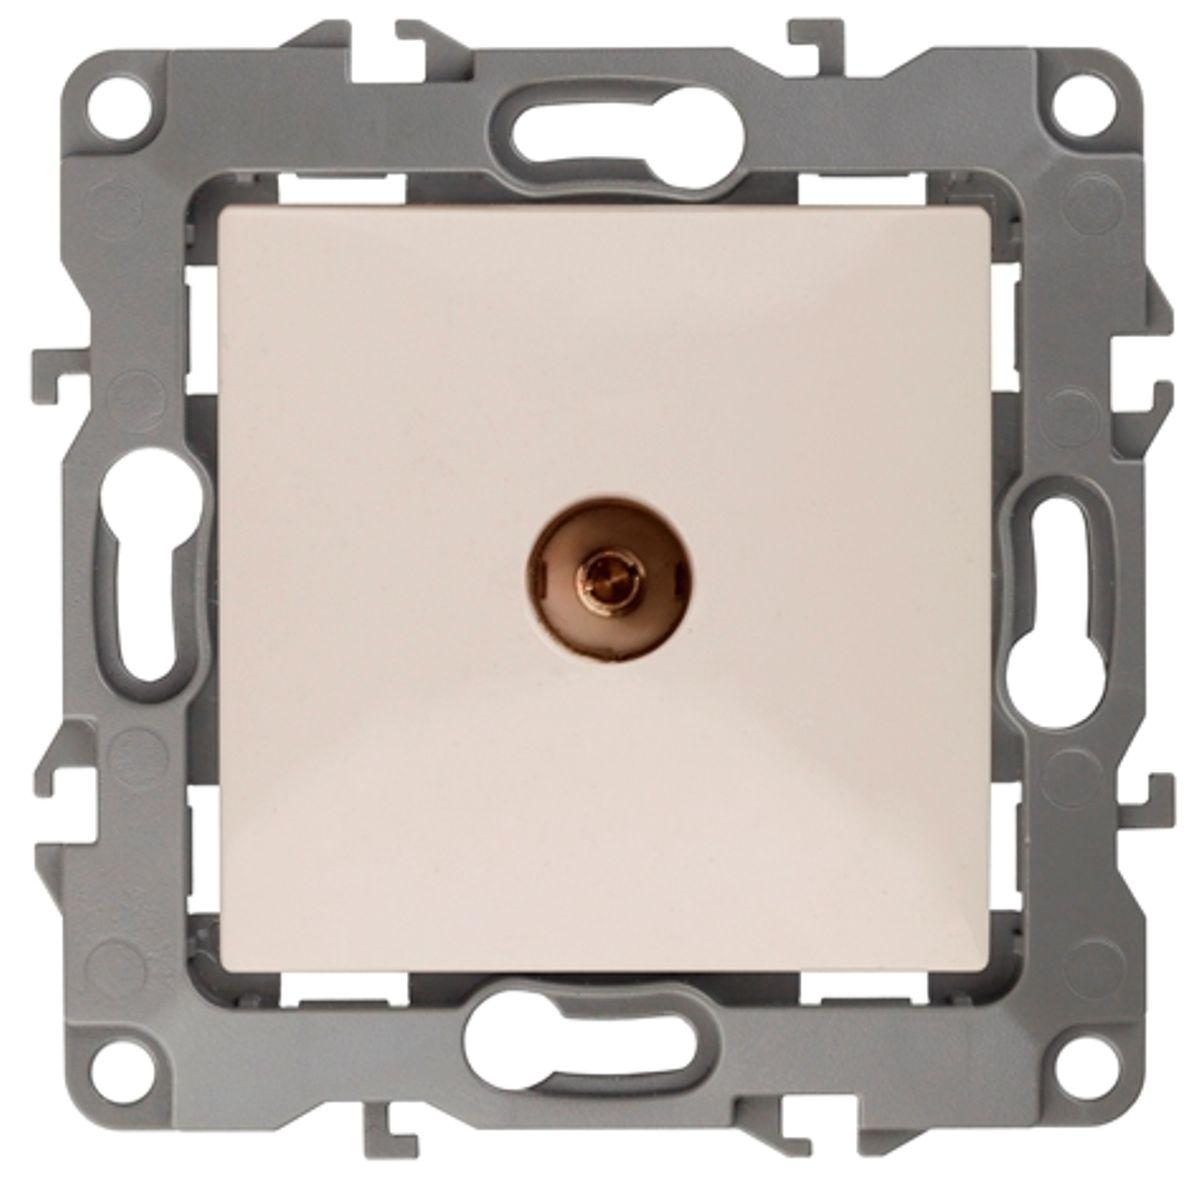 Розетка телевизионная Эра, цвет: слоновая кость12-3101-02Розетка телевизионная Эра одиночная, скрытой установки, имеет бронзовые контакты и фиксаторы модулей. Предназначена для передачи ТВ сигналов из антенной сети к ТВ-приемникам. Использование телевизионной розетки позволяет скрыть антенный кабель, обезопасить его от повреждений и избавиться от болтающихся проводов.